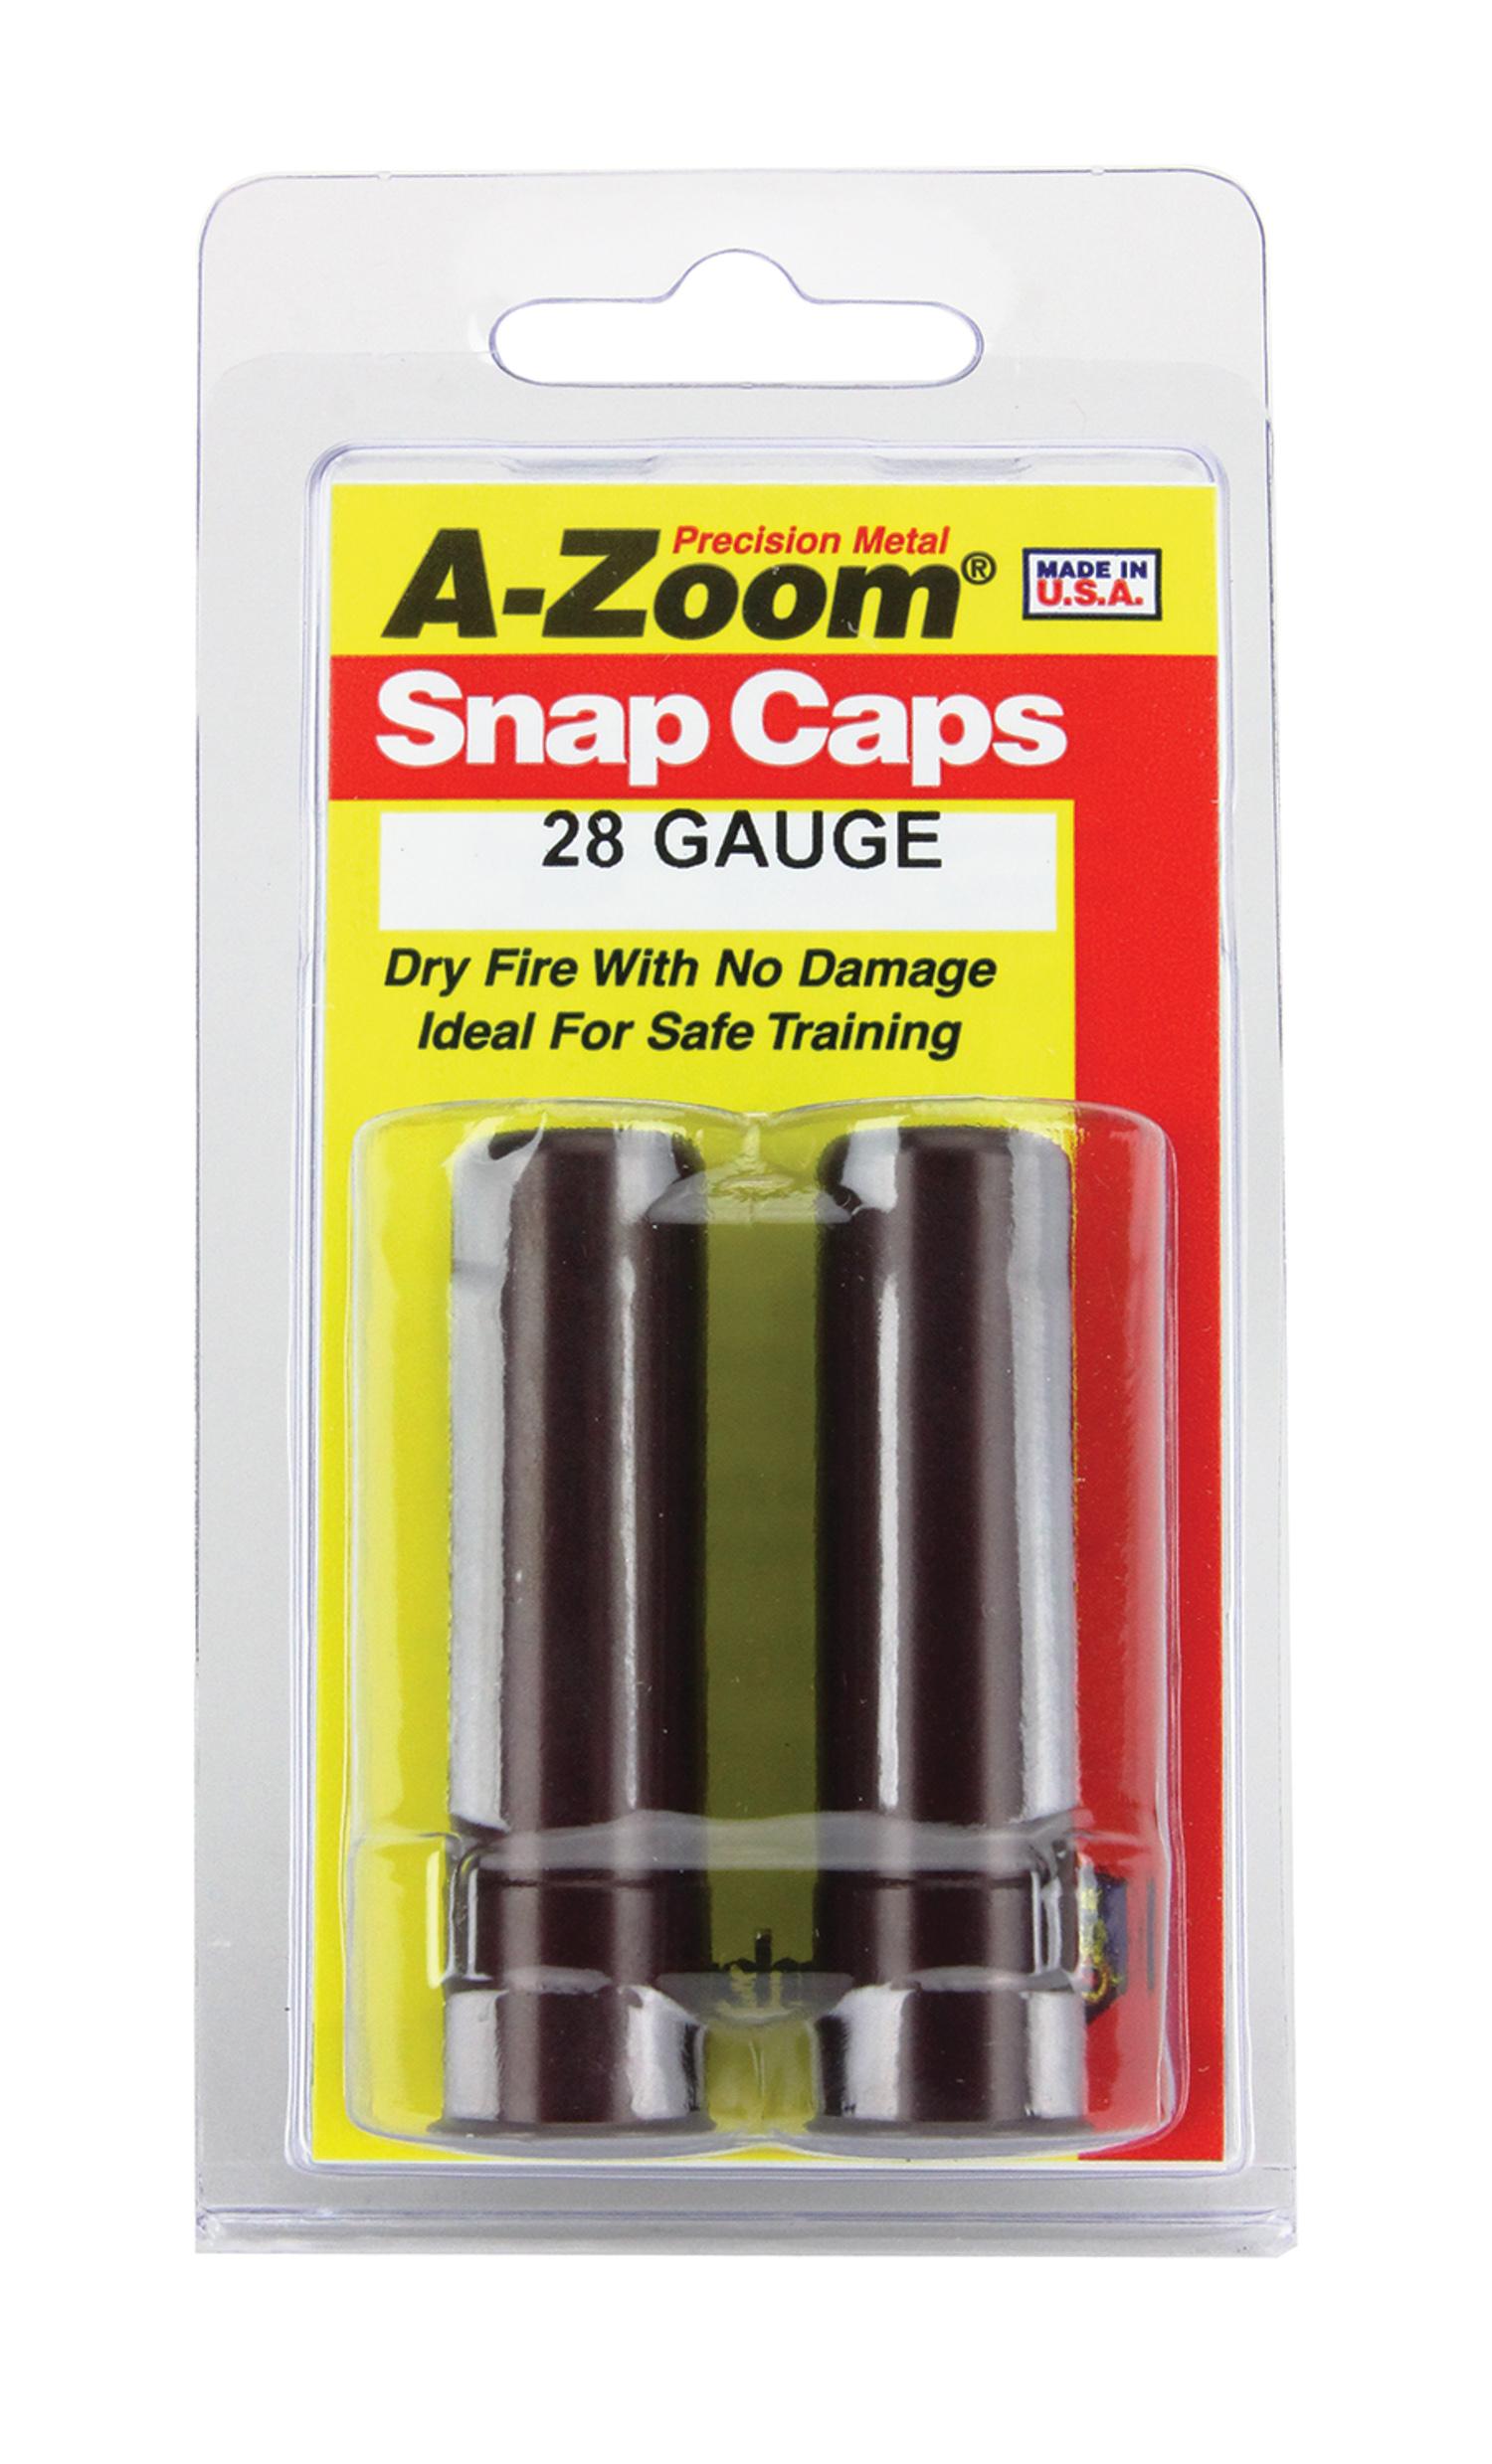 Pachmayr 28 Gauge Snap Caps 2P/Pk